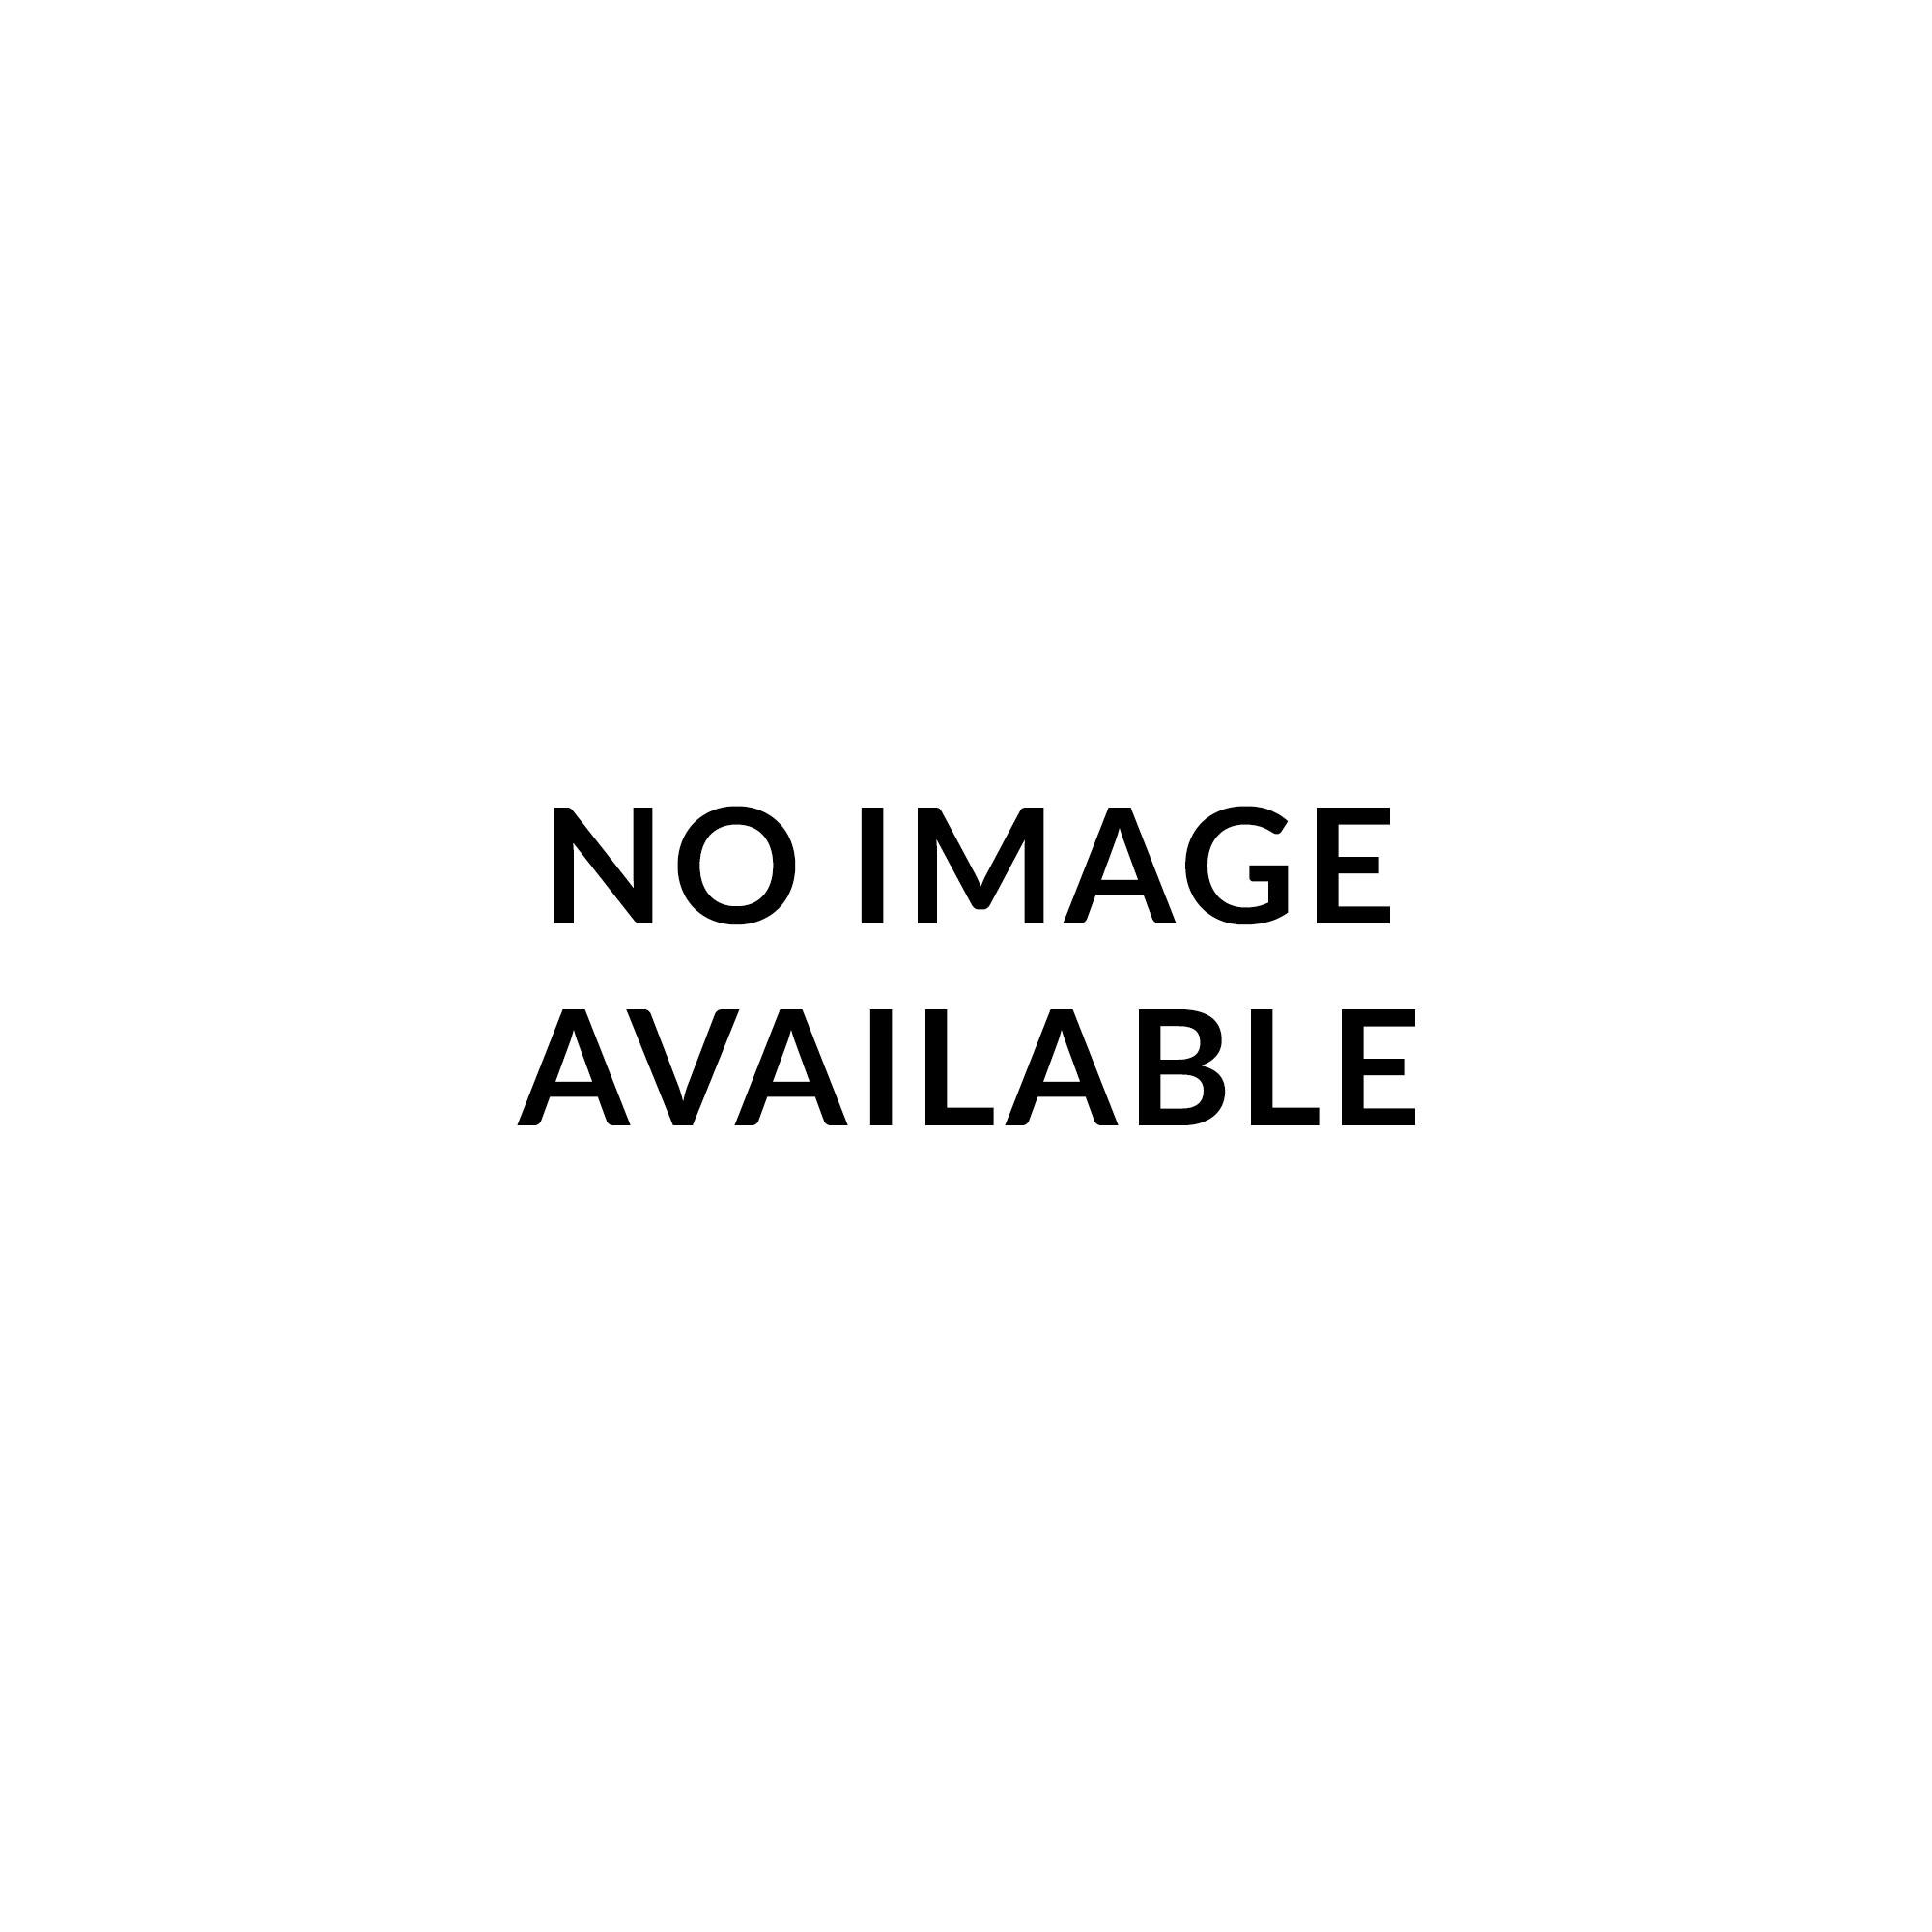 Legacy Tru-Tone Phosphor Bronze Acoustic Guitar Strings 10-50 Pack of 3